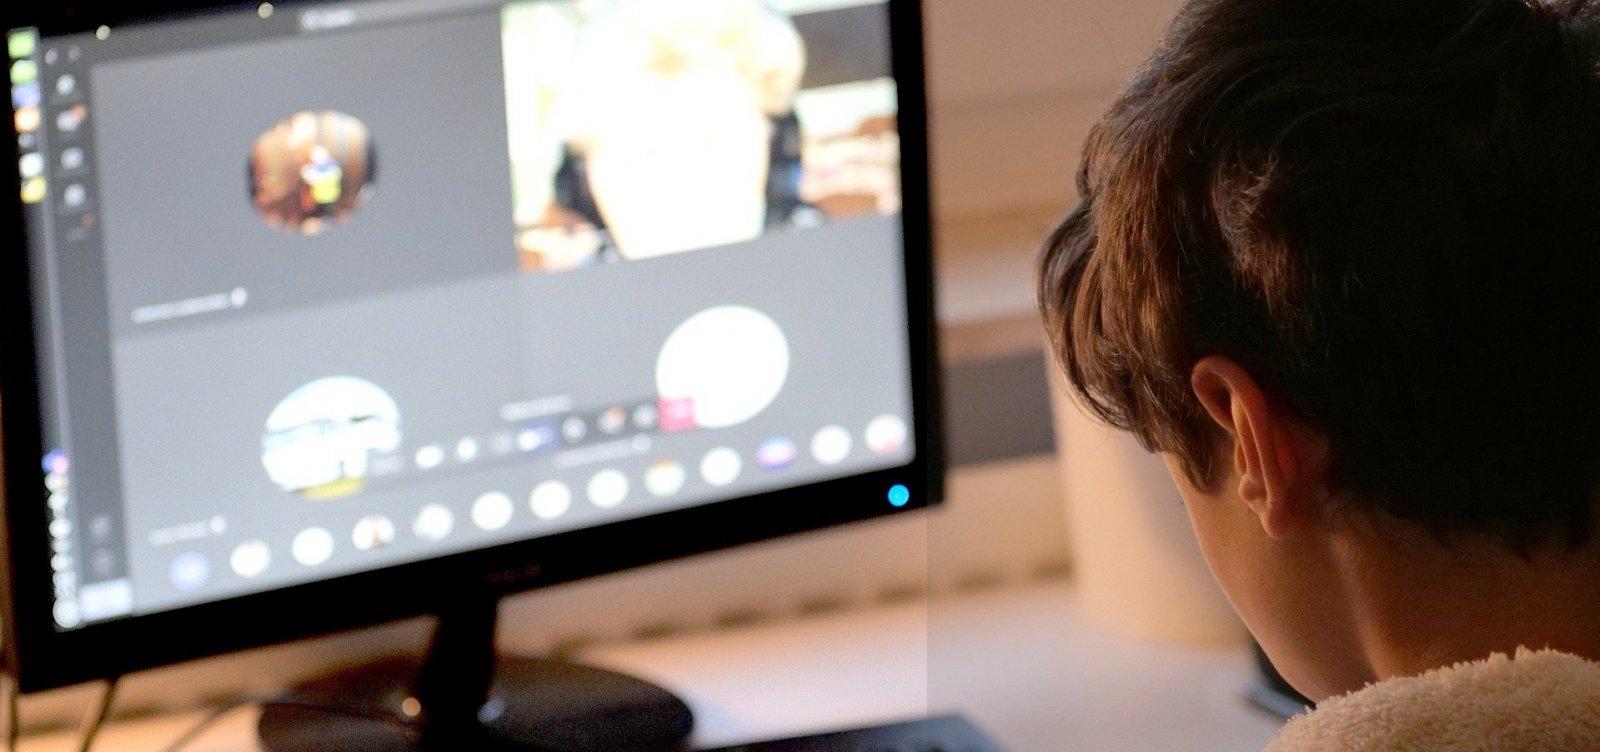 [Hackers invadem aula remota e exibem vídeo pornô para alunos de colégio na Bahia]